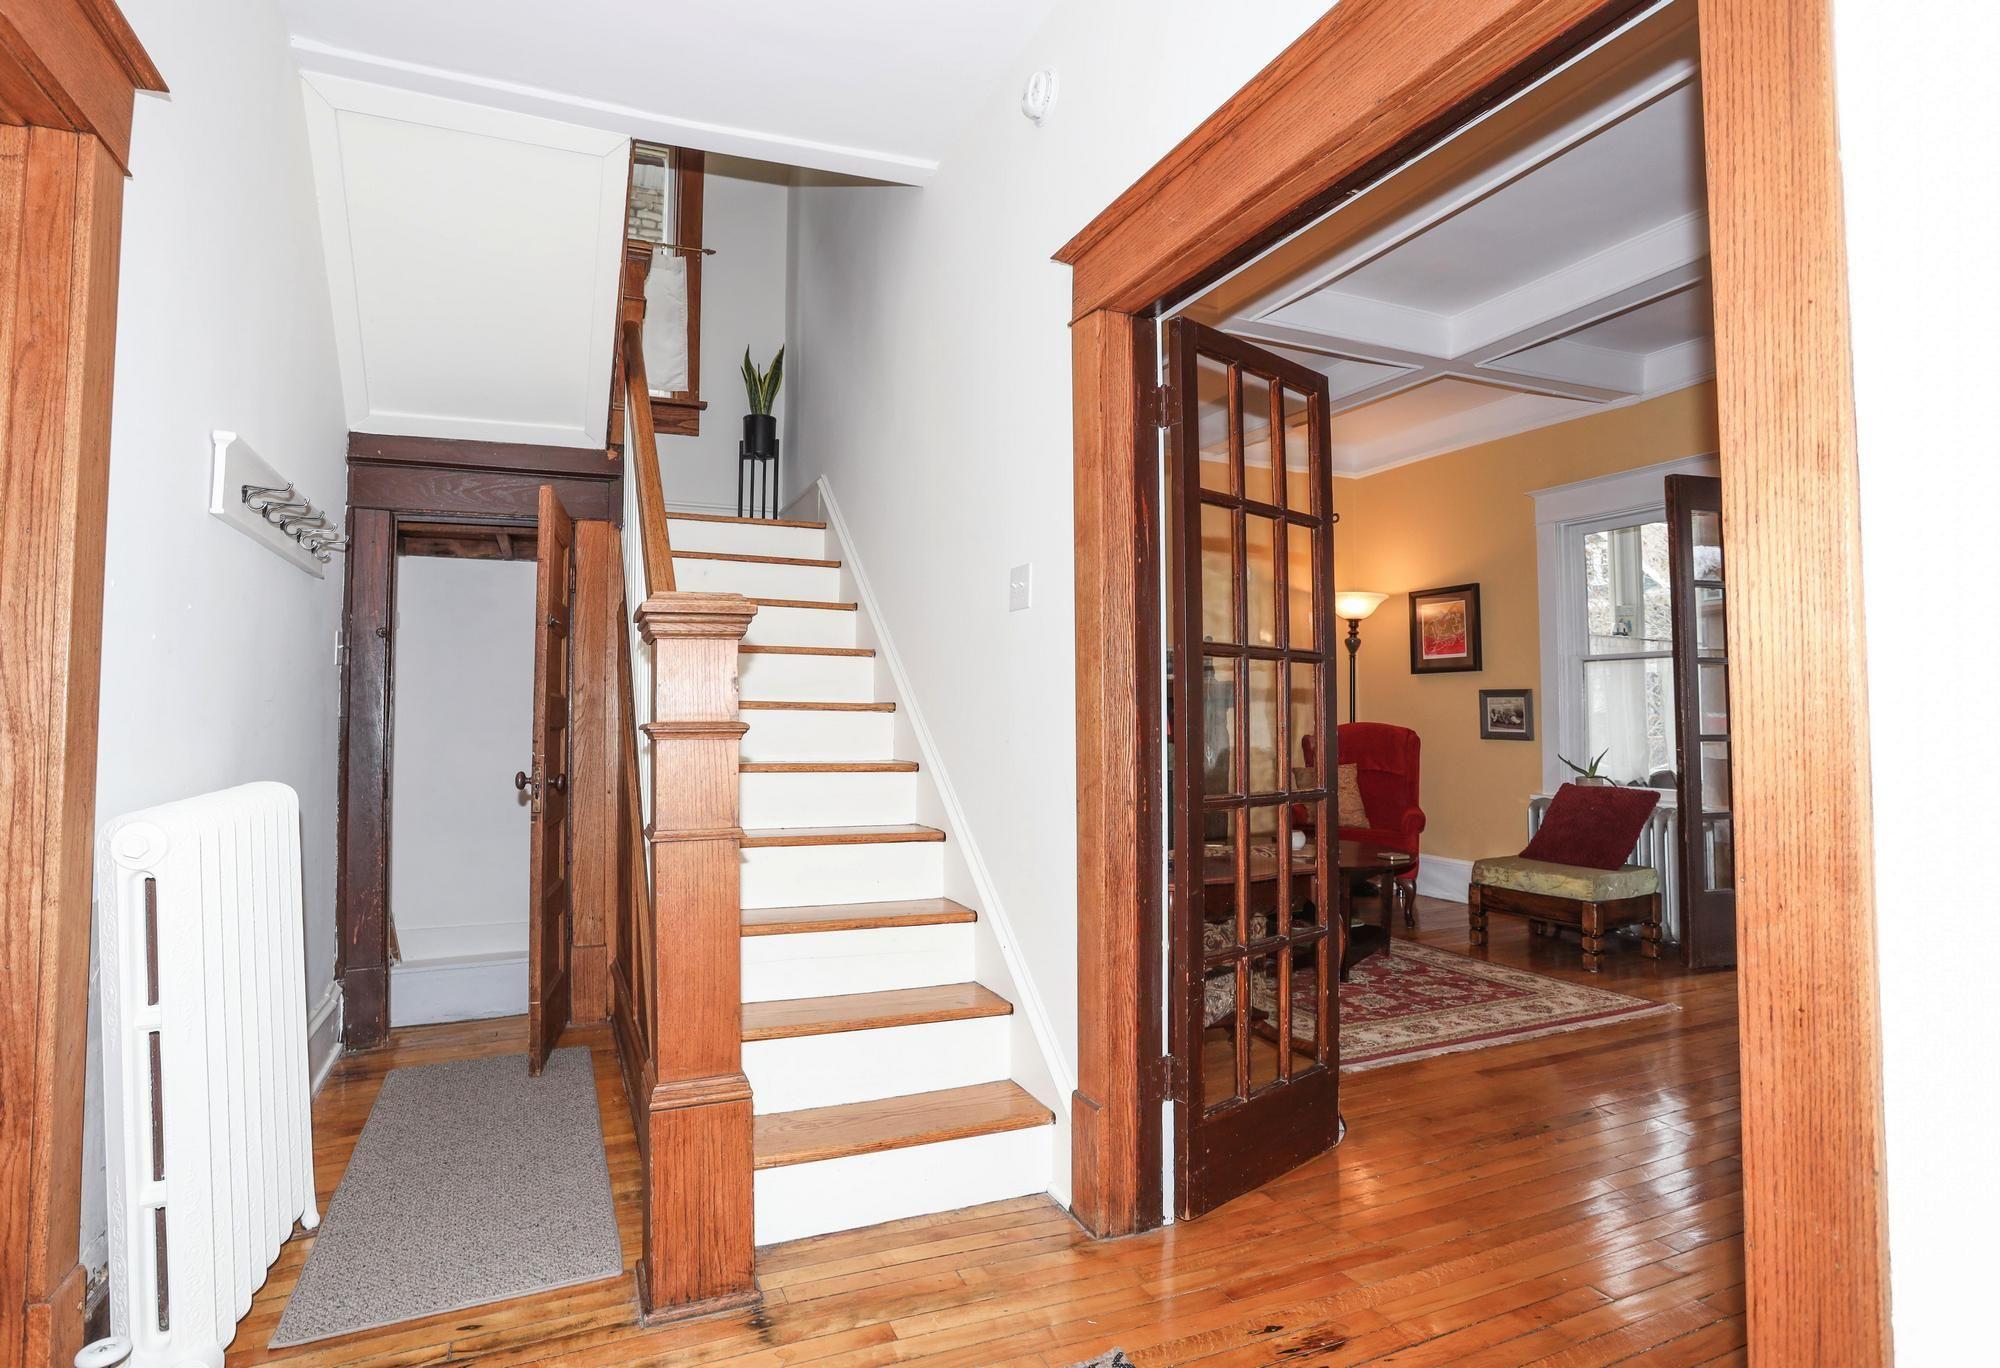 Photo 5: Photos: 35 Lipton Street in Winnipeg: Wolseley Single Family Detached for sale (5B)  : MLS®# 202110486